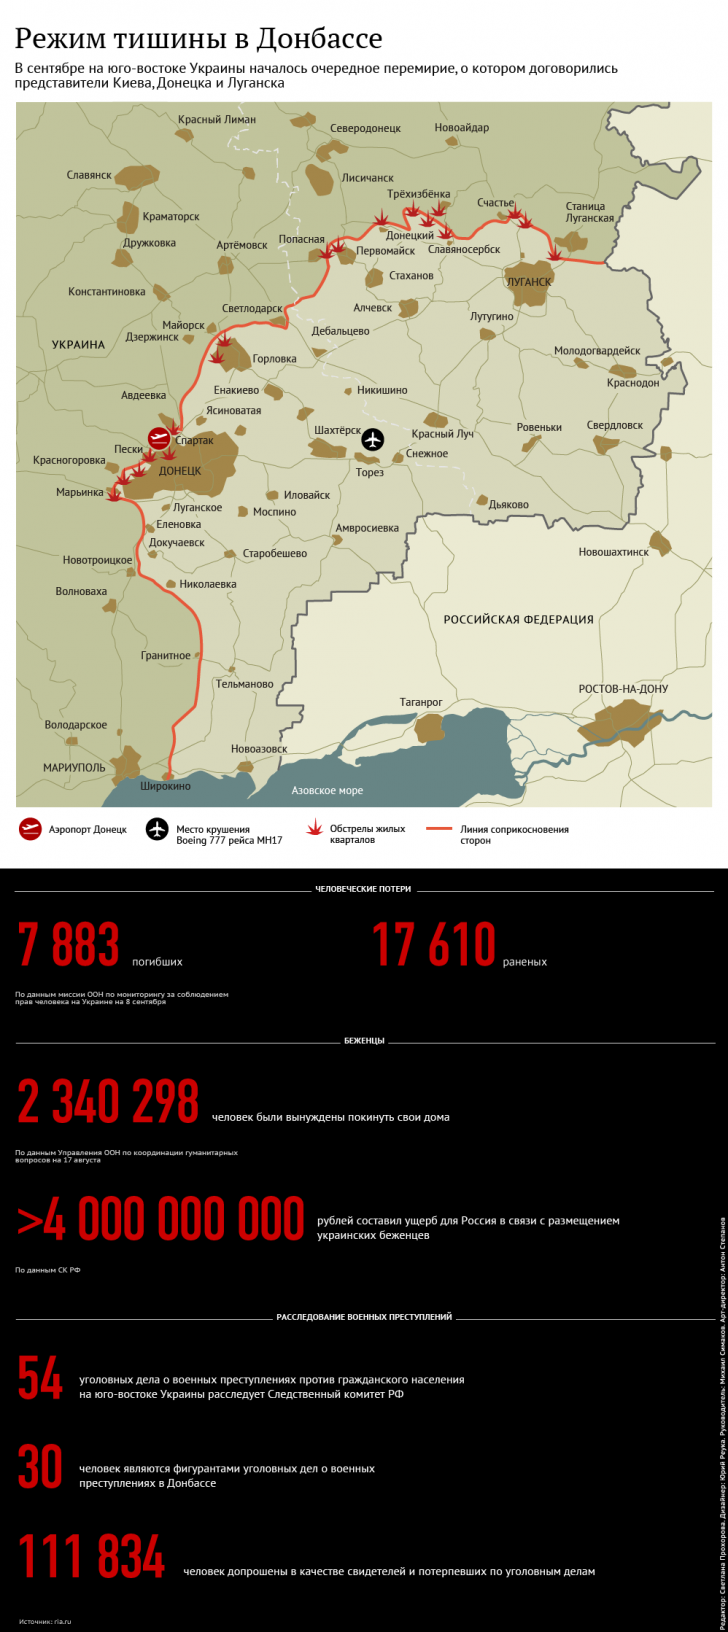 Неизвестная группа военных обстреливает и карателей, и ополченцев Донбасса